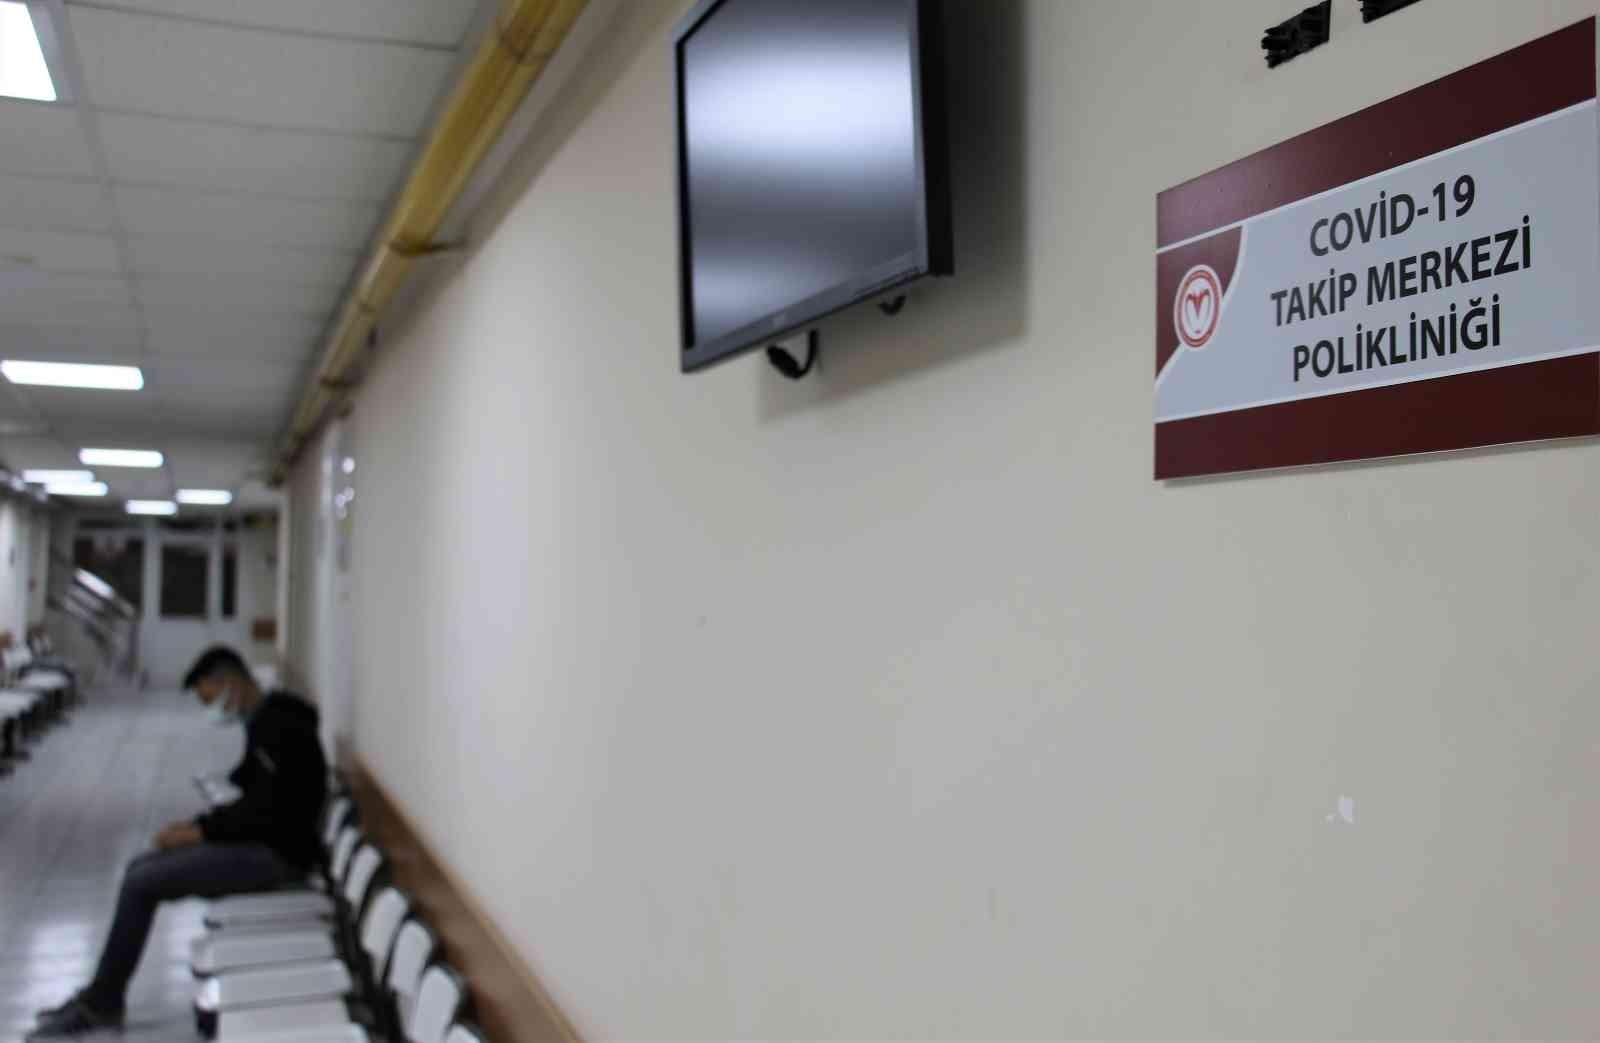 Türkiye'nin ilk Covid-19 Takip Merkezi'ne başvuran hastaların ortak şikayeti 'nefes darlığı'